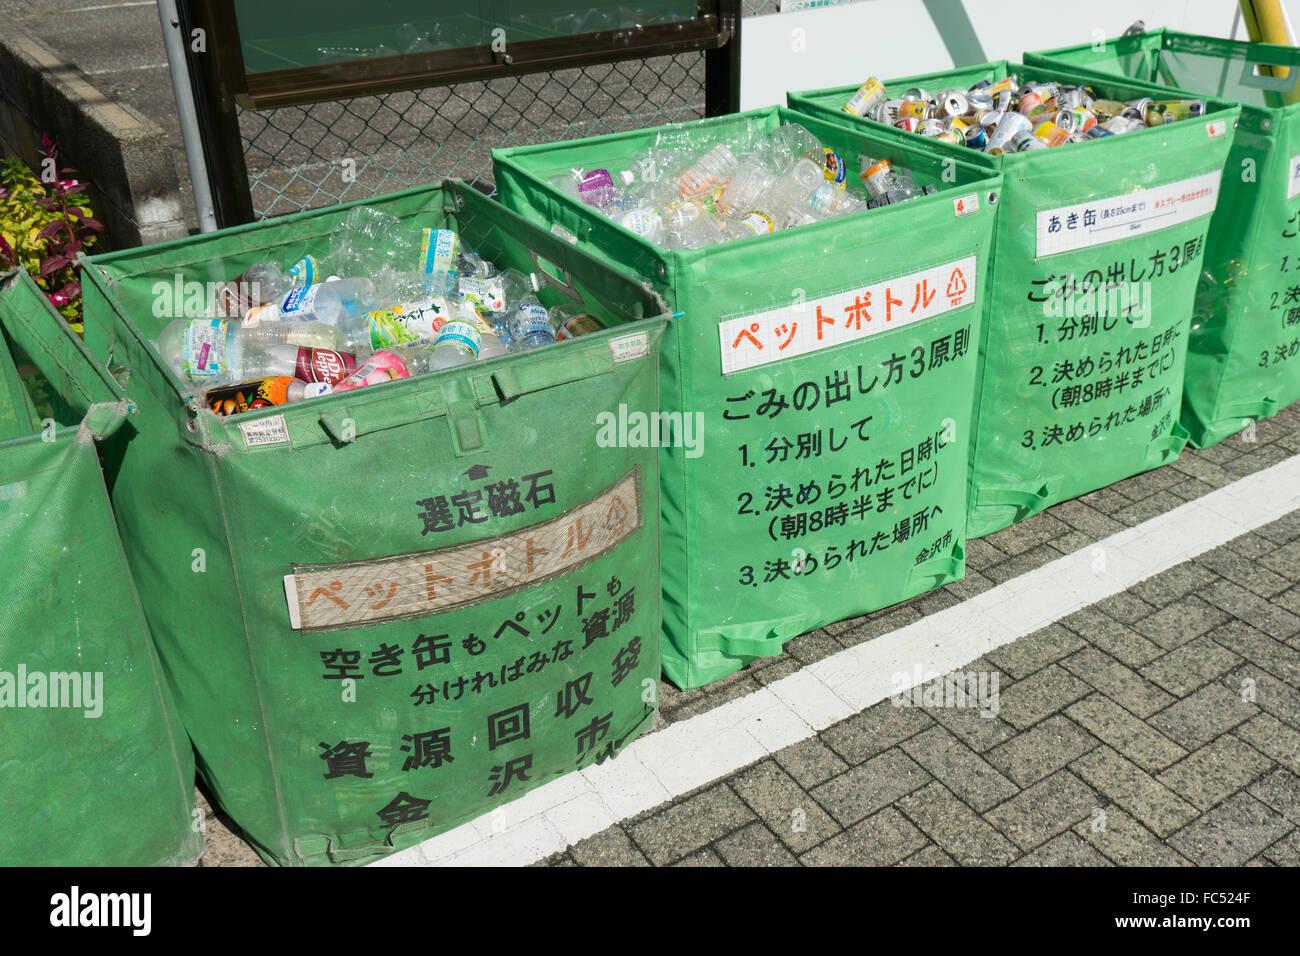 Recycling Japan Stock Photos & Recycling Japan Stock Images